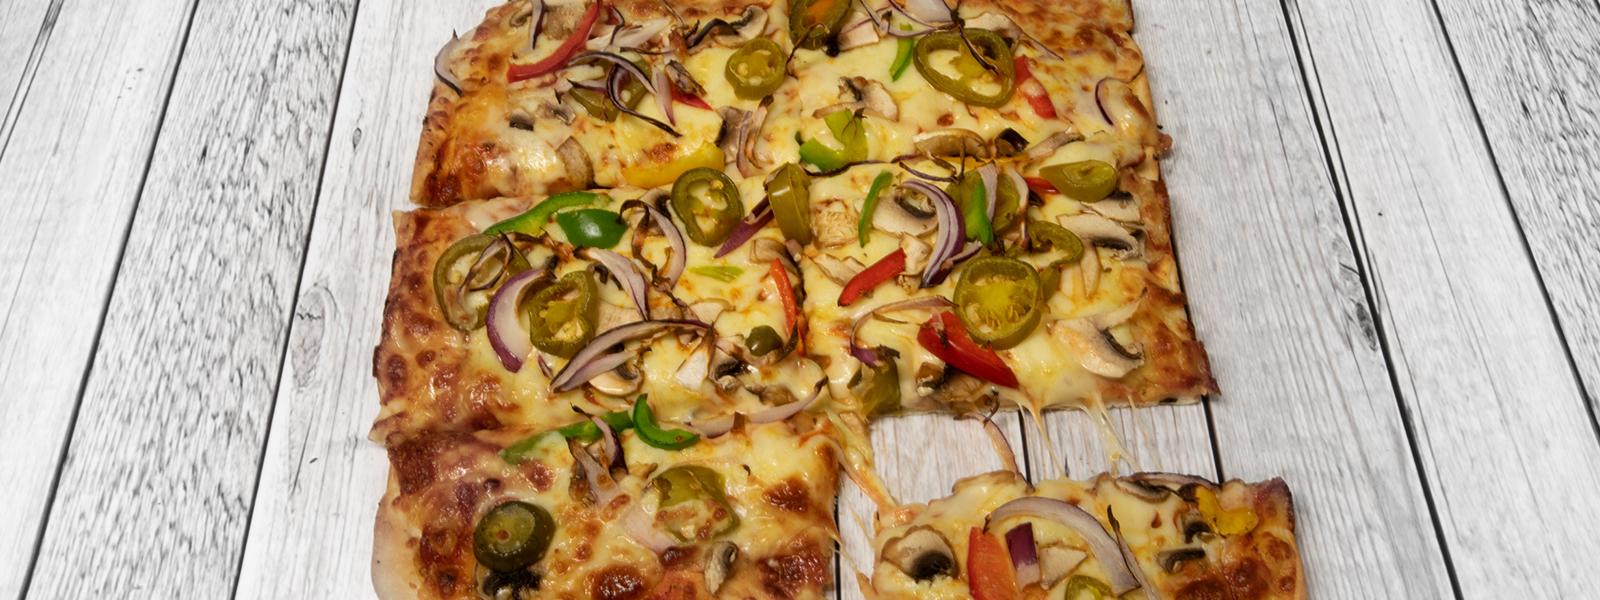 Fancy Pizza Fancy Pizza Cardiff Takeaway Order Online